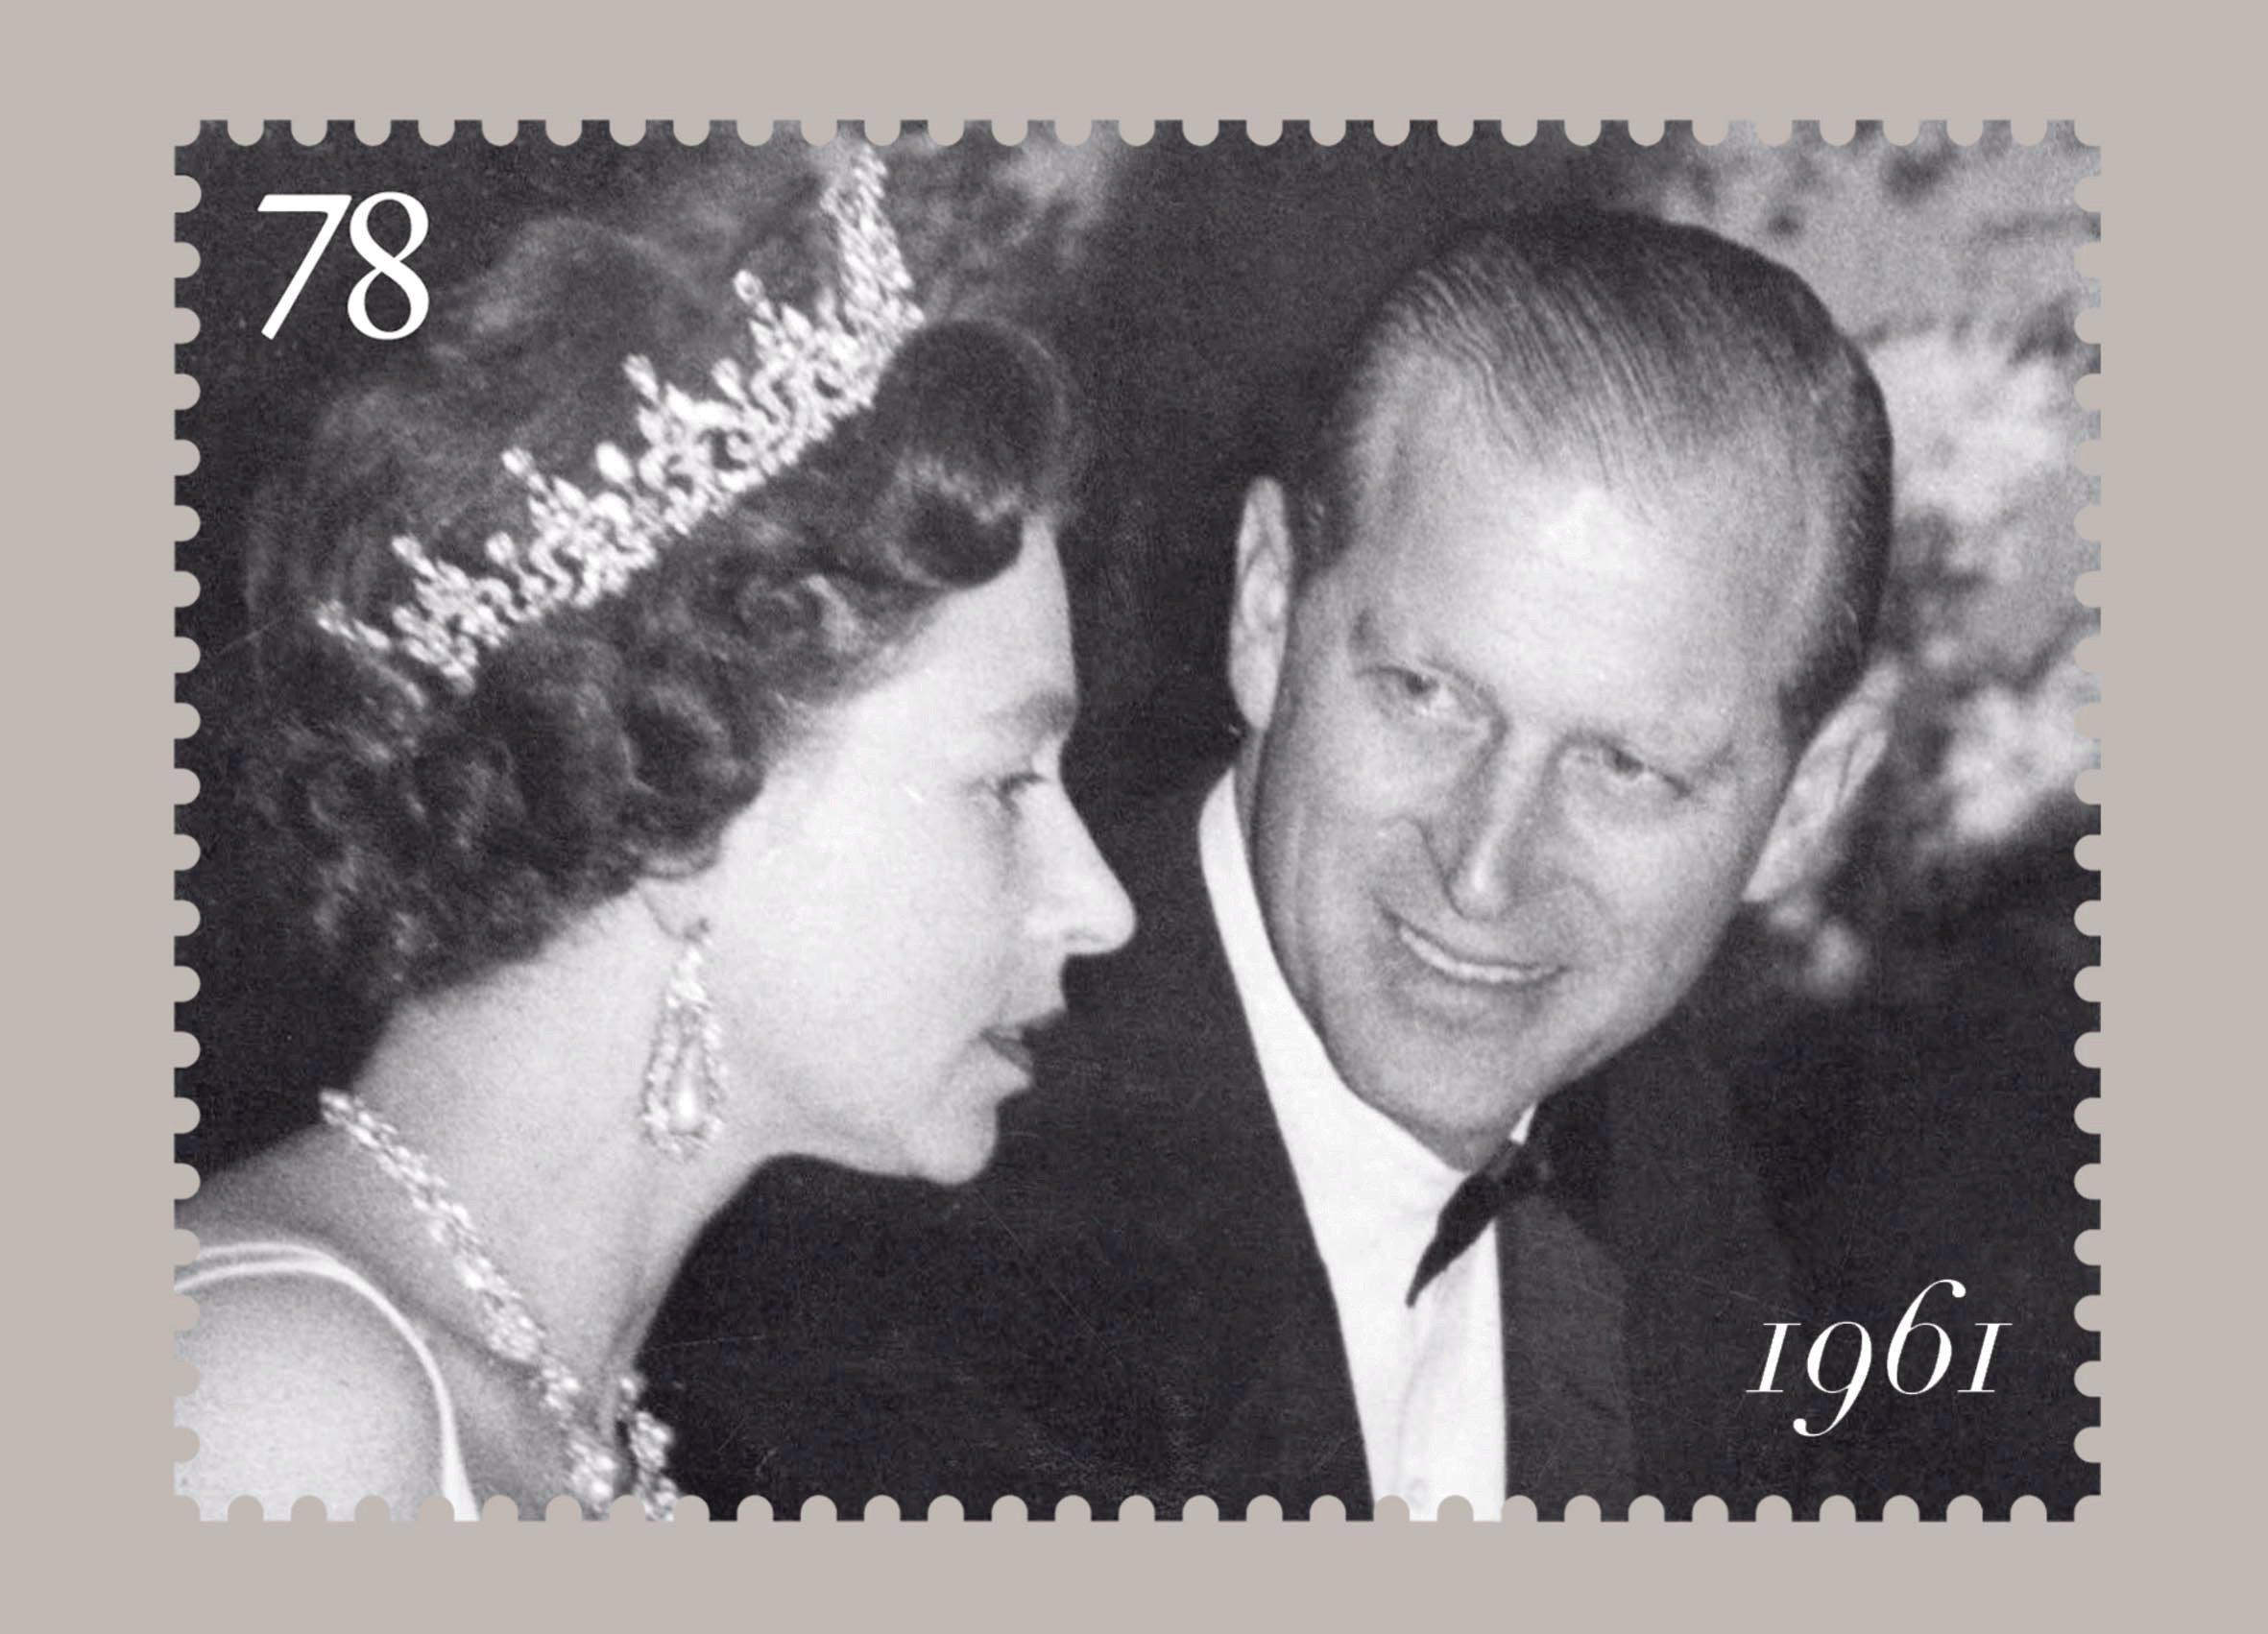 Imagen cedida en el 2007 por la oficina de correos del Reino Unido en la que se ve una de las fotografías que forman el juego de seis sellos conmemorativos del sexagésimo aniversario de la boda de la entonces princesa Elizabeth con el teniente Philip Mounbatten. (Archivo)